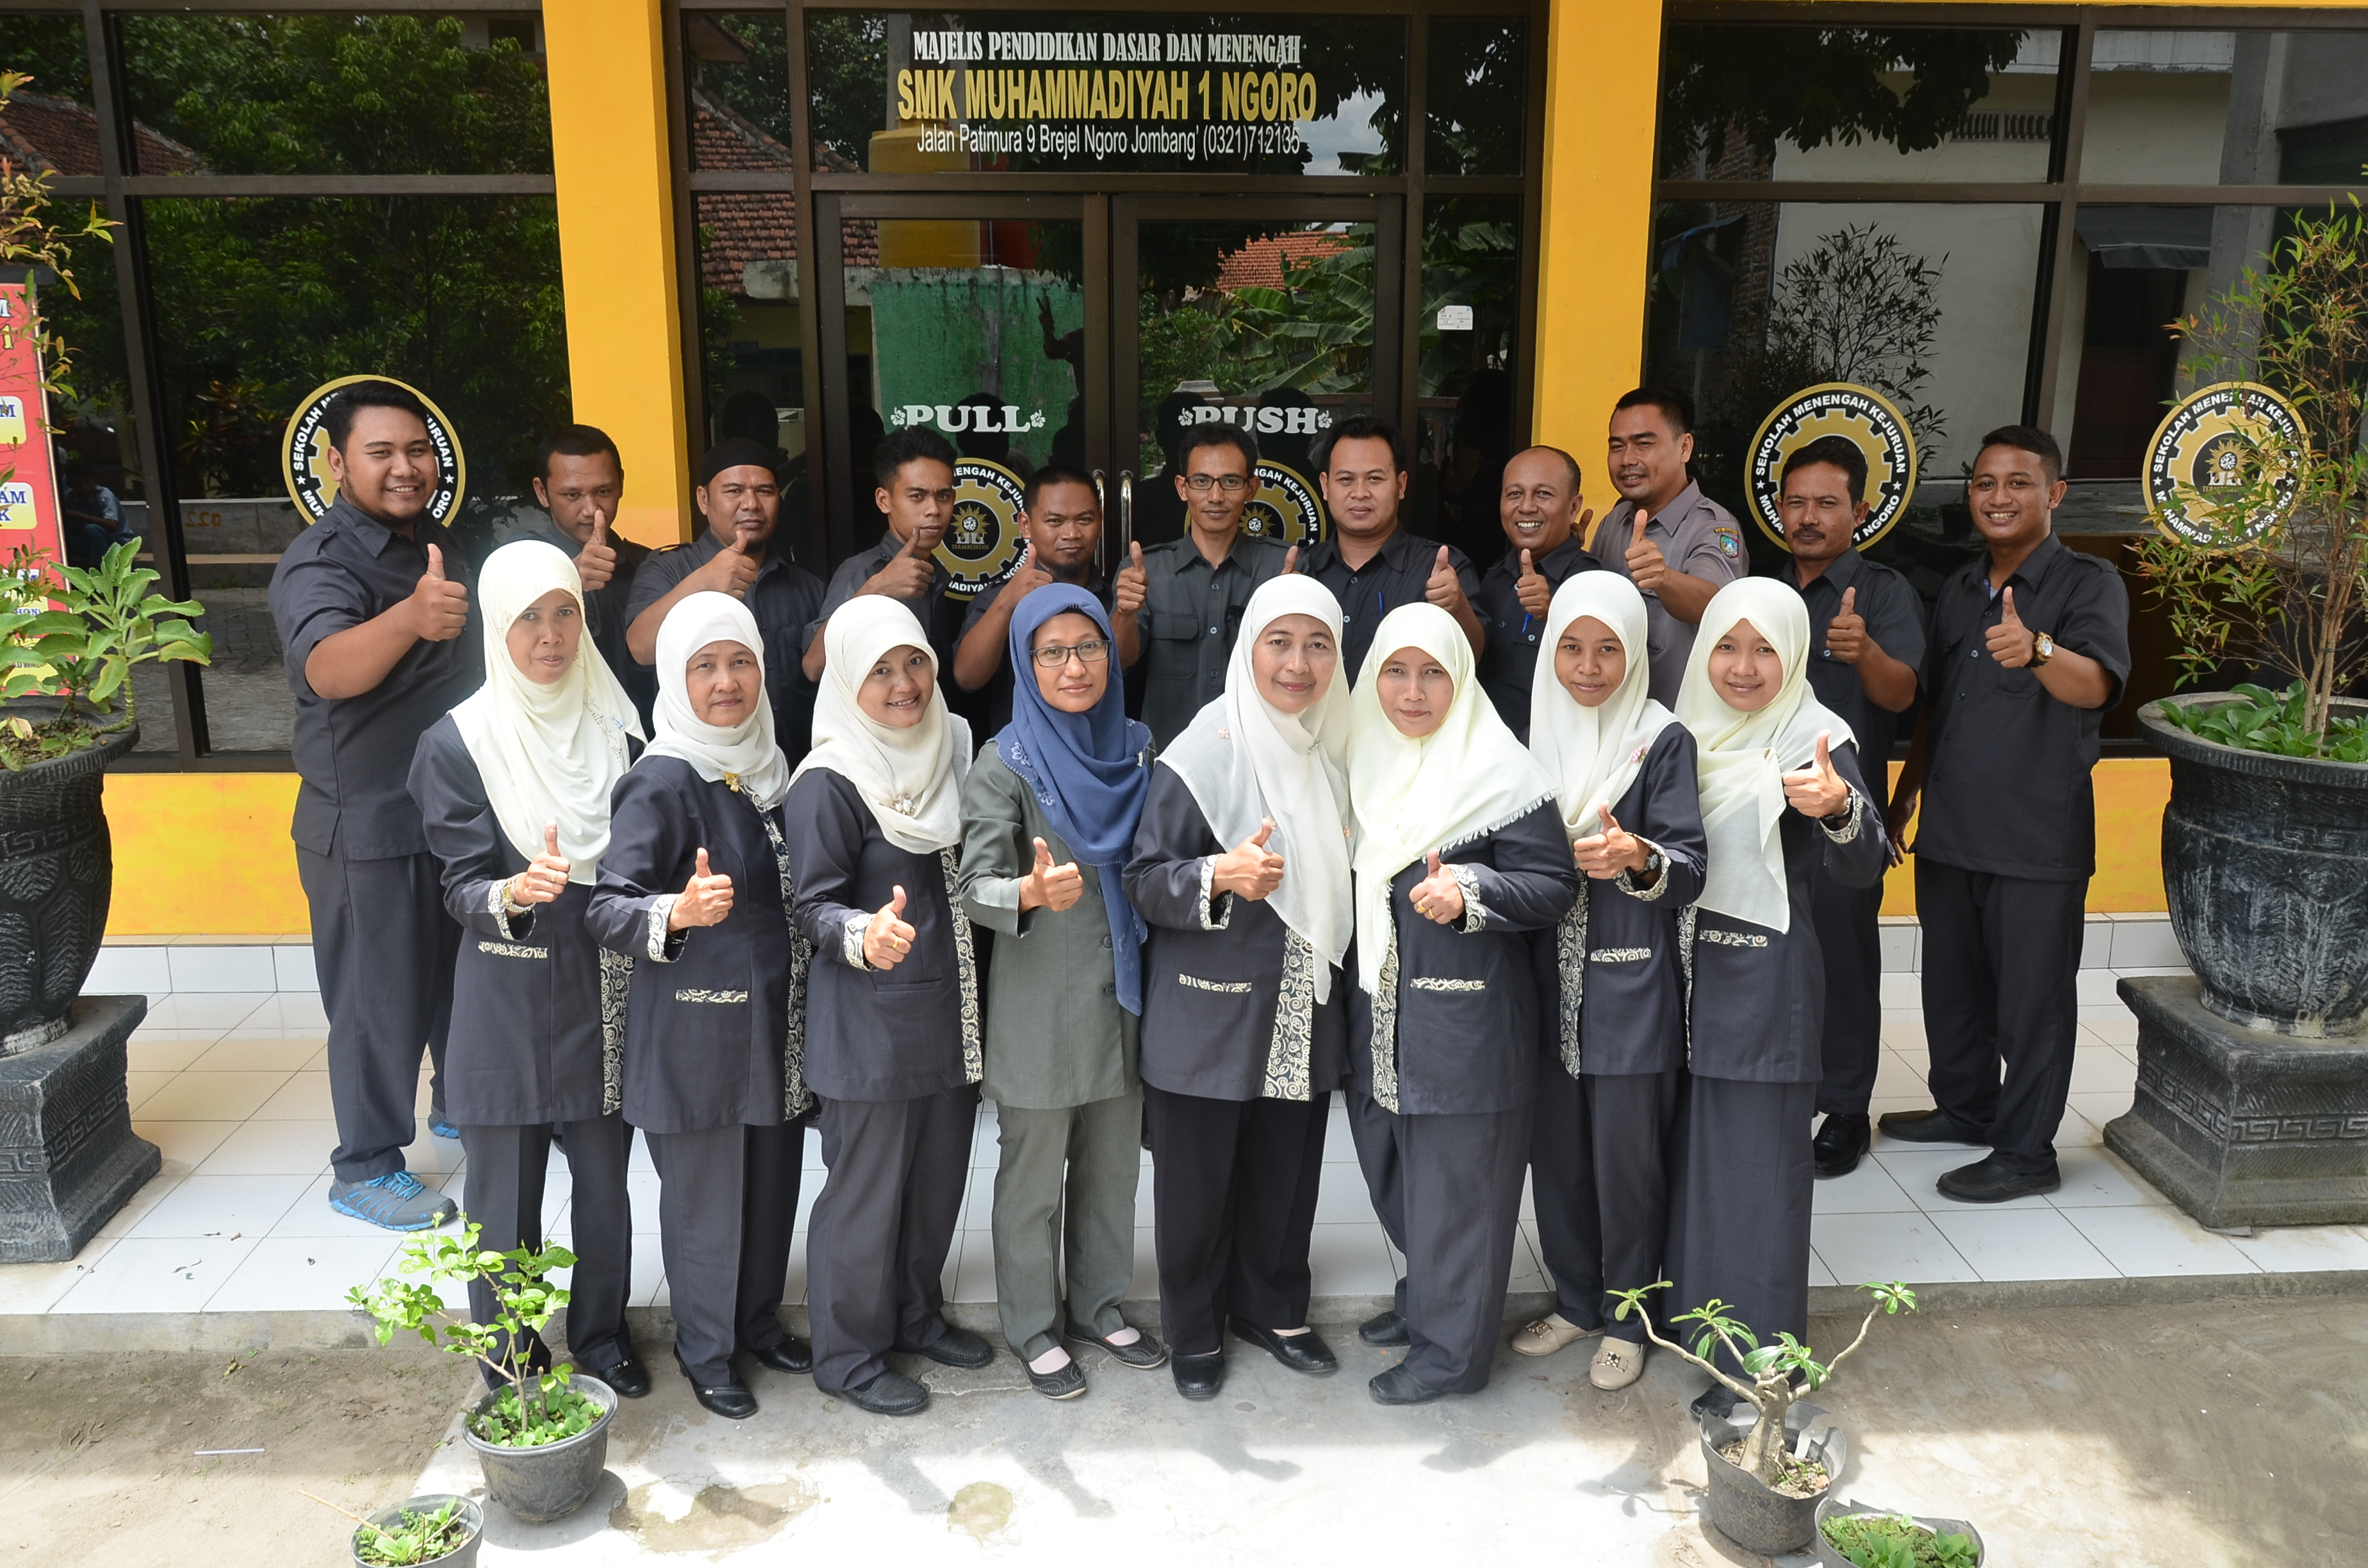 DEWAN GURU SMK MUHAMMADIYAH 1 NGORO